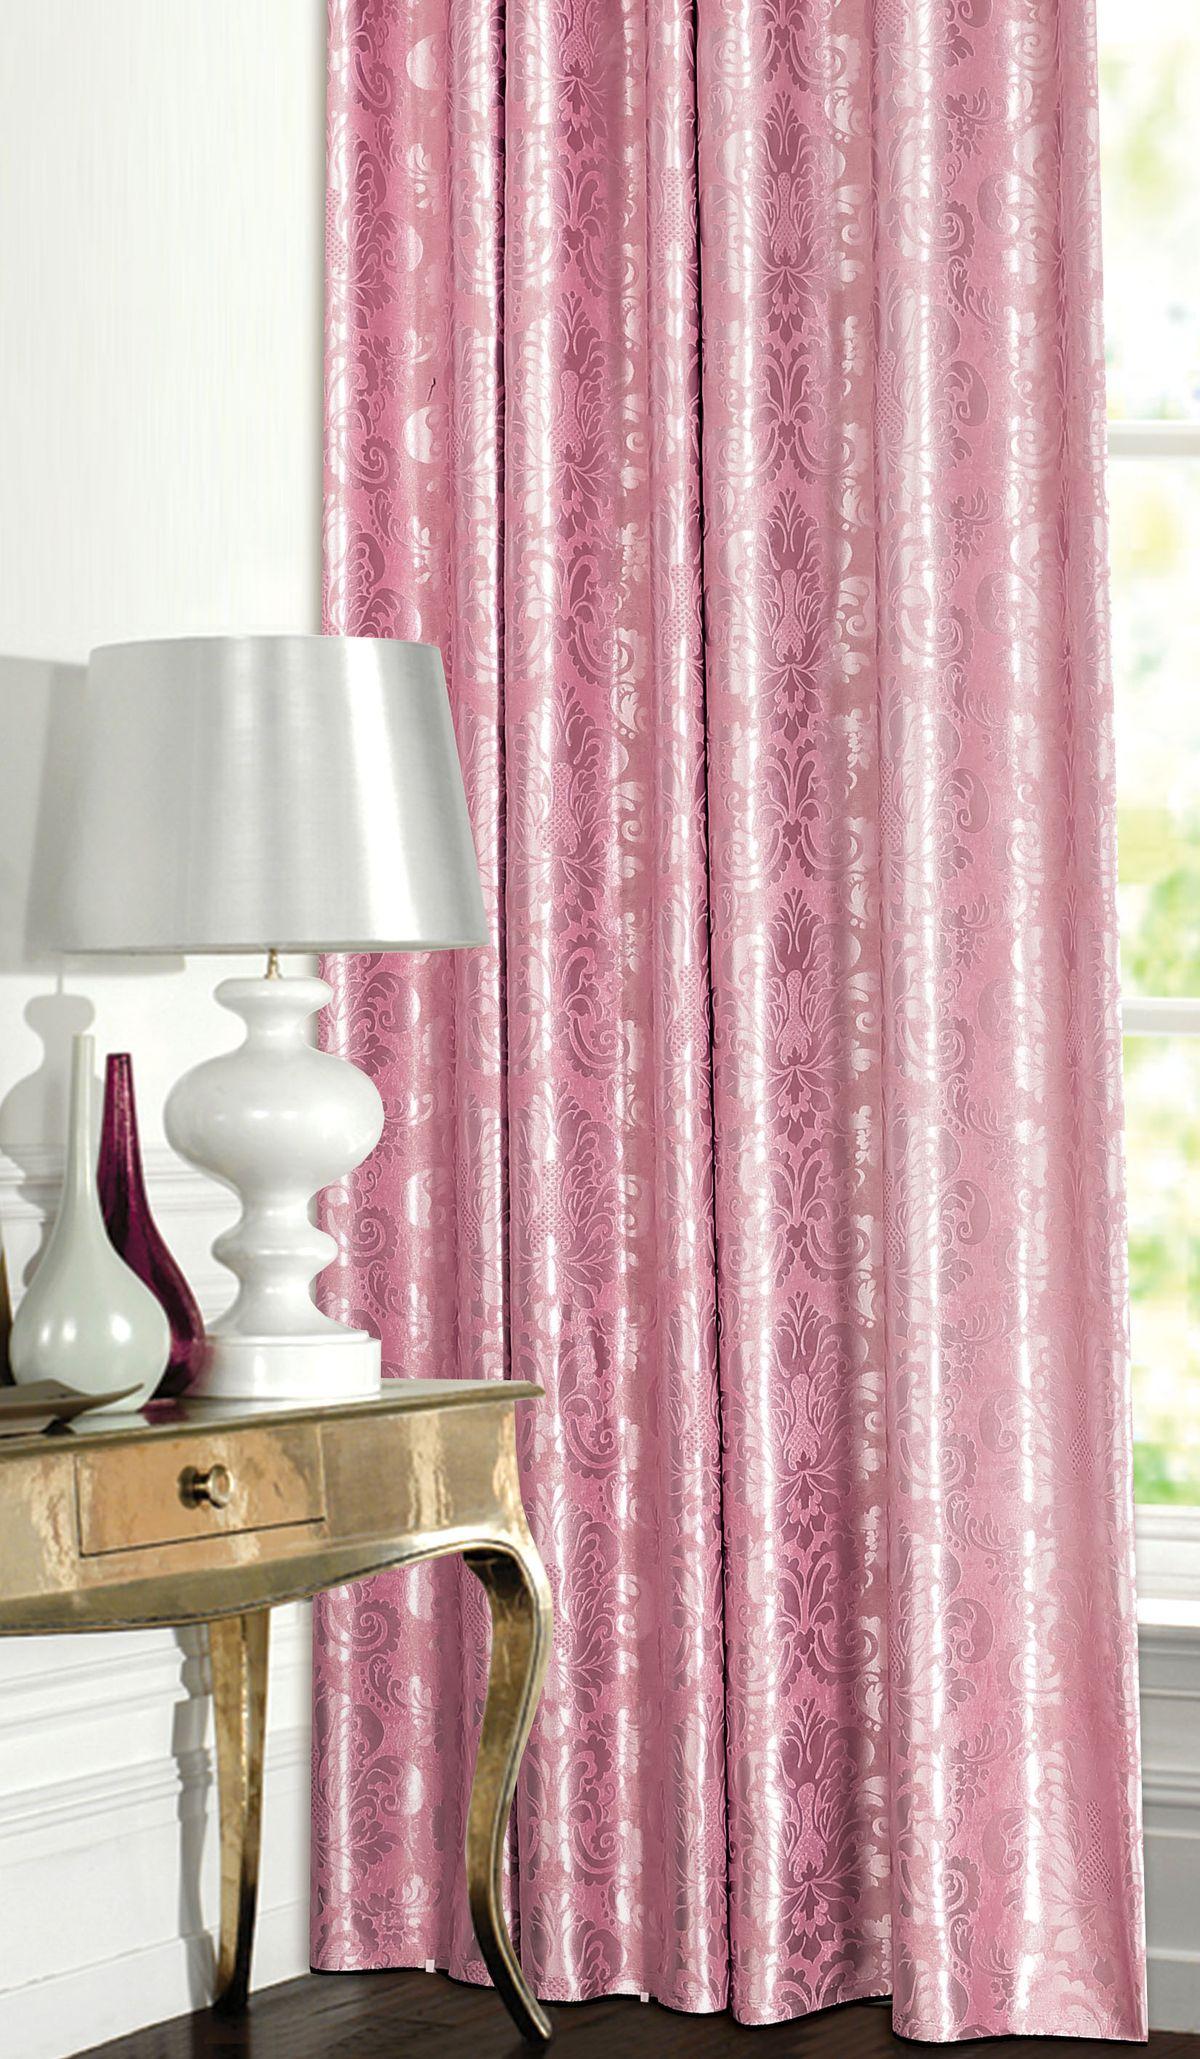 Штора готовая Garden, на ленте, цвет: розовый, 180х260 см. С 537392 V8С 537392 V8Изящная штора для гостиной Garden выполнена из плотной ткани жаккард. Приятная текстура и цвет привлекут к себе внимание и органично впишутся в интерьер помещения. Штора крепится на карниз при помощи ленты, которая поможет красиво и равномерно задрапировать верх.